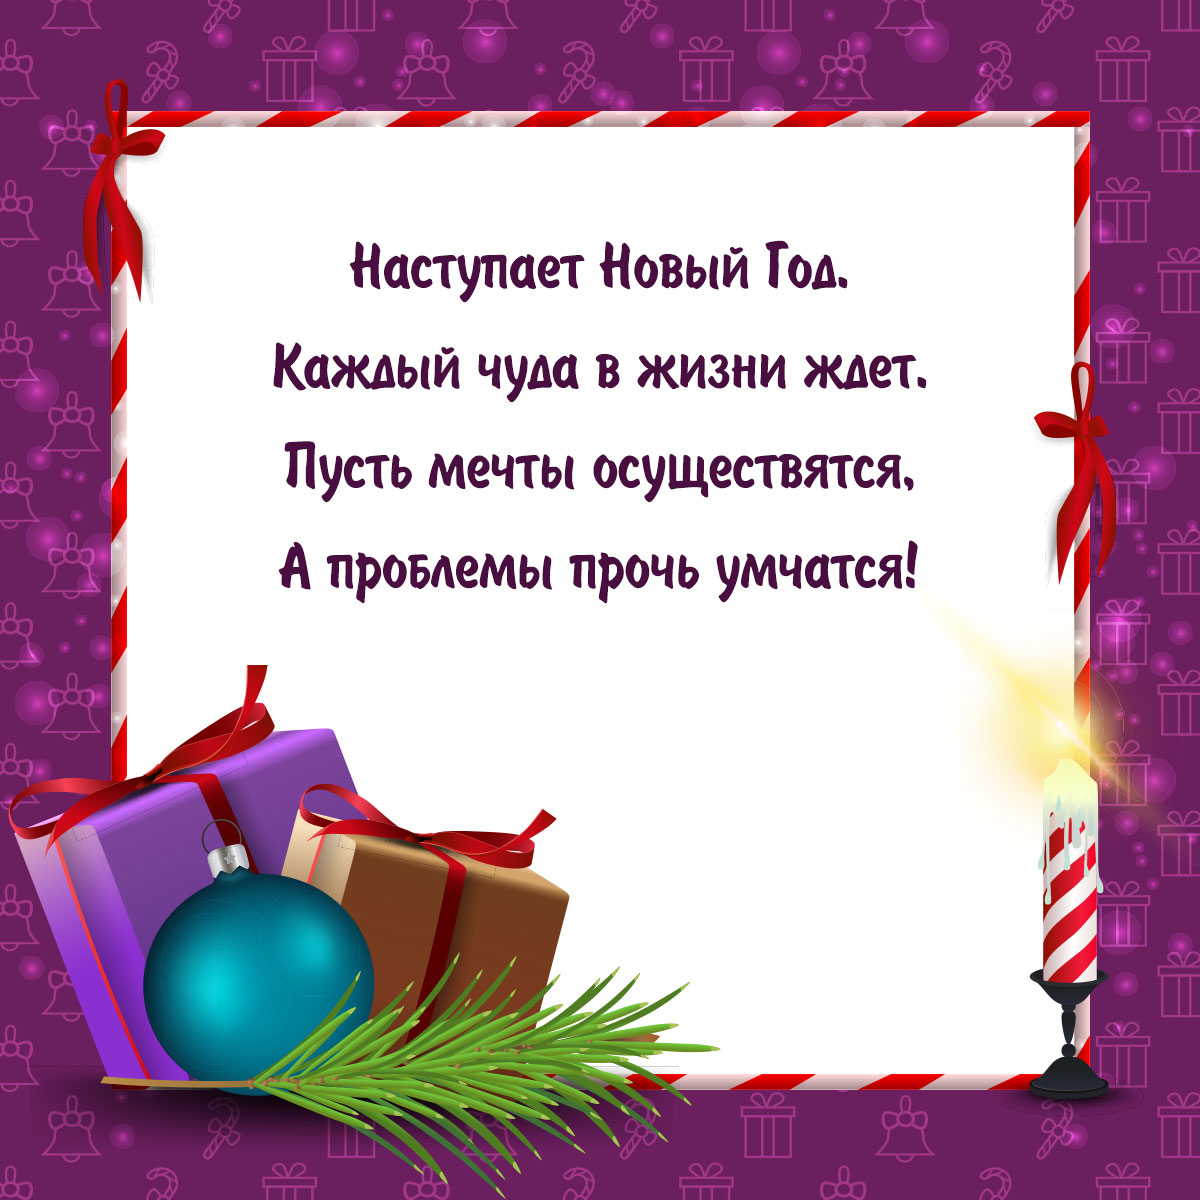 Картинка поздравление коллег с новым годом в стихах вна белом фоне в пурпурной рамке с коробками подарков.